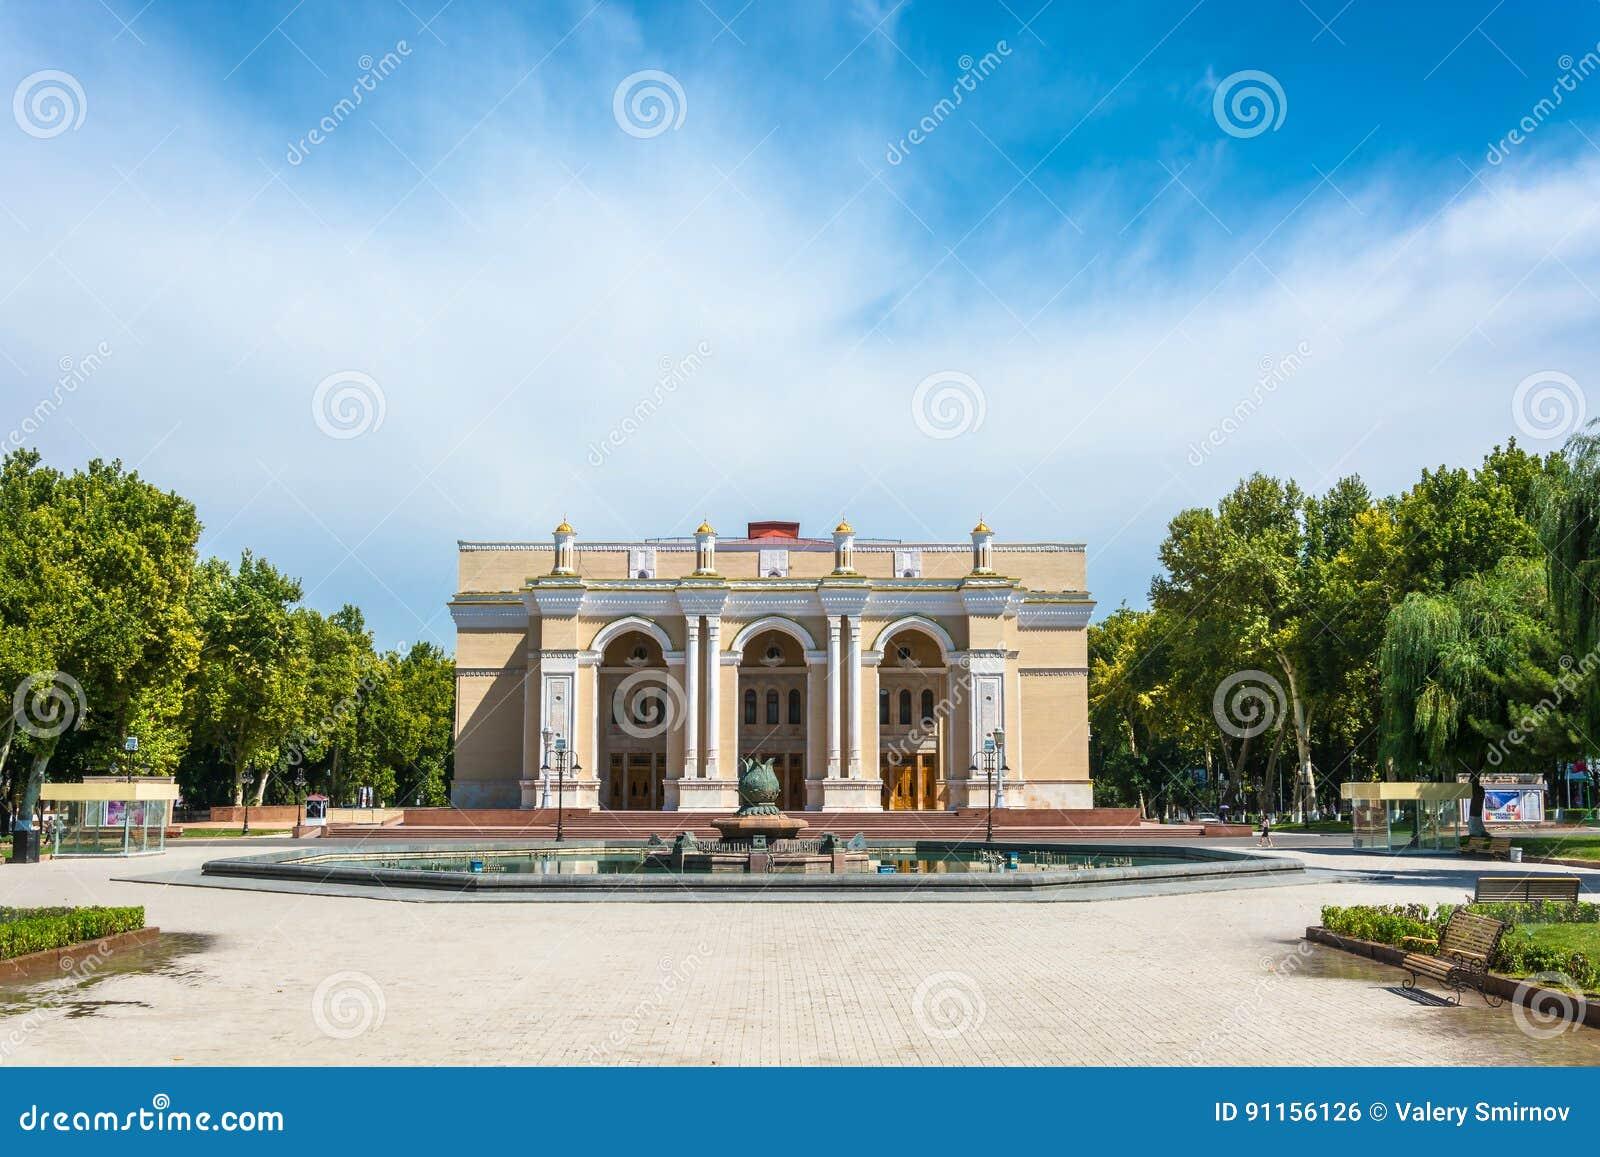 Tashkent Uzbekistan Nightlife